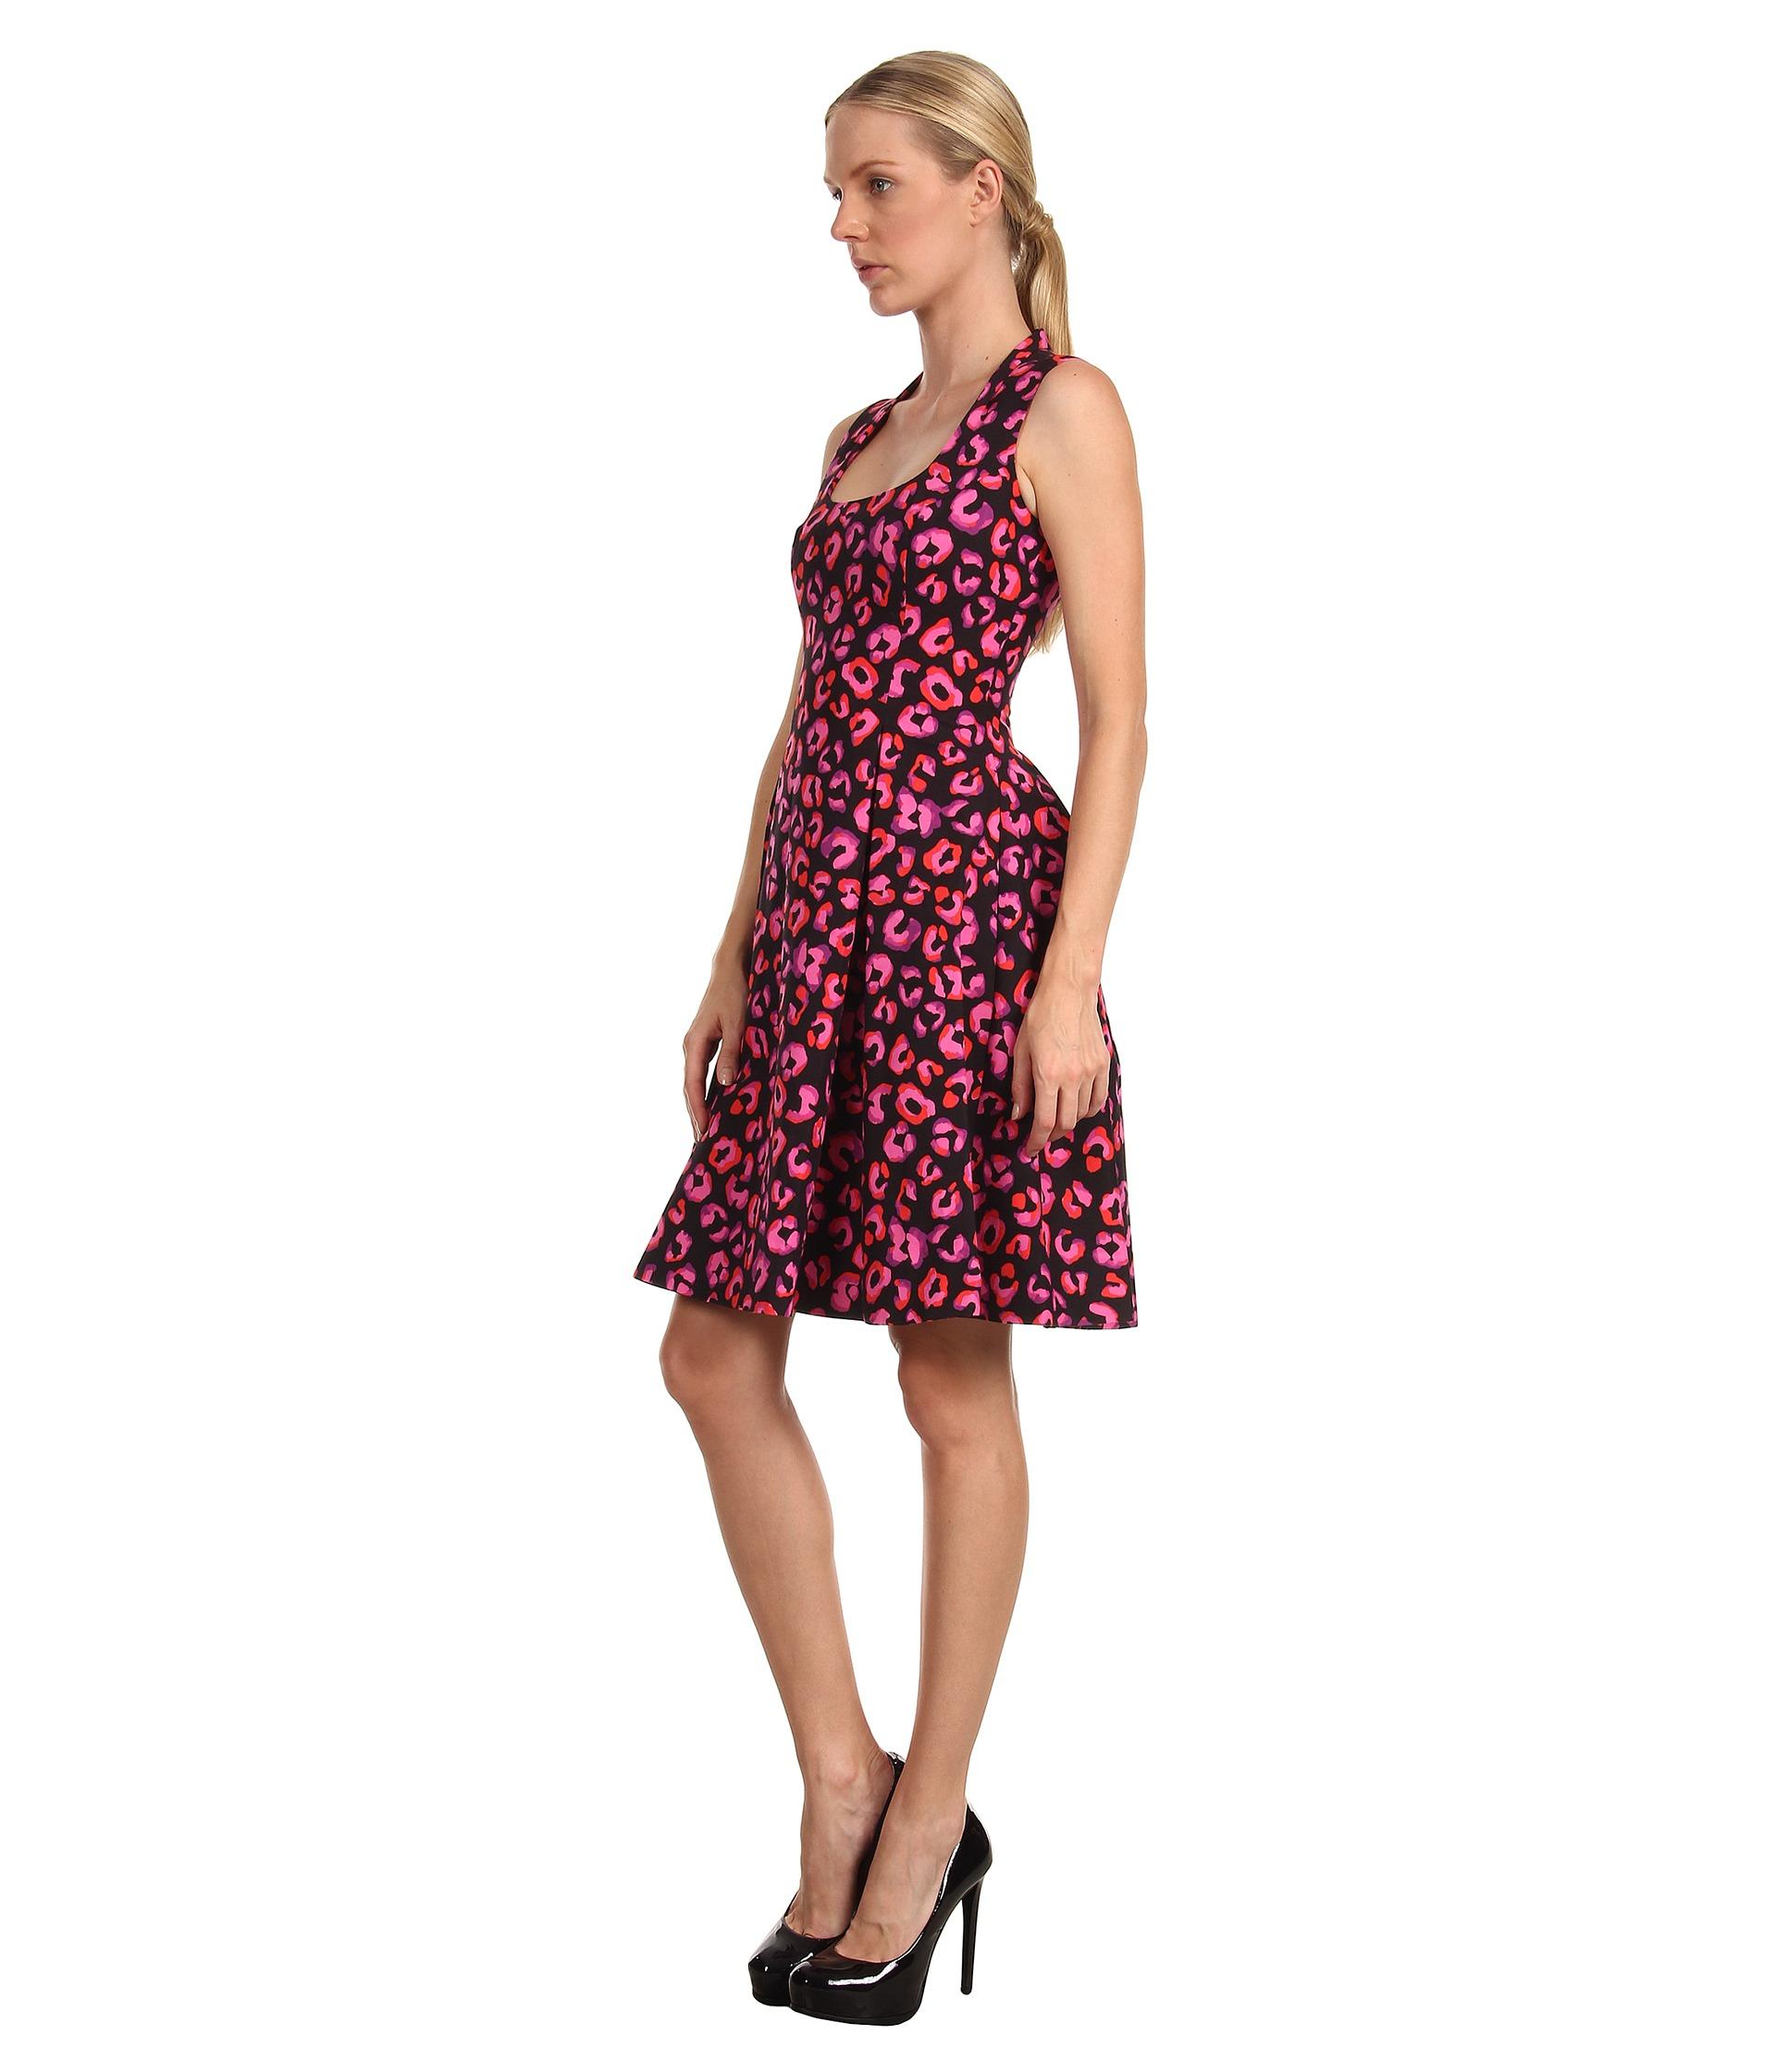 Kate Spade Kimi Dress In Pink Black Pink Disco Animal Lyst